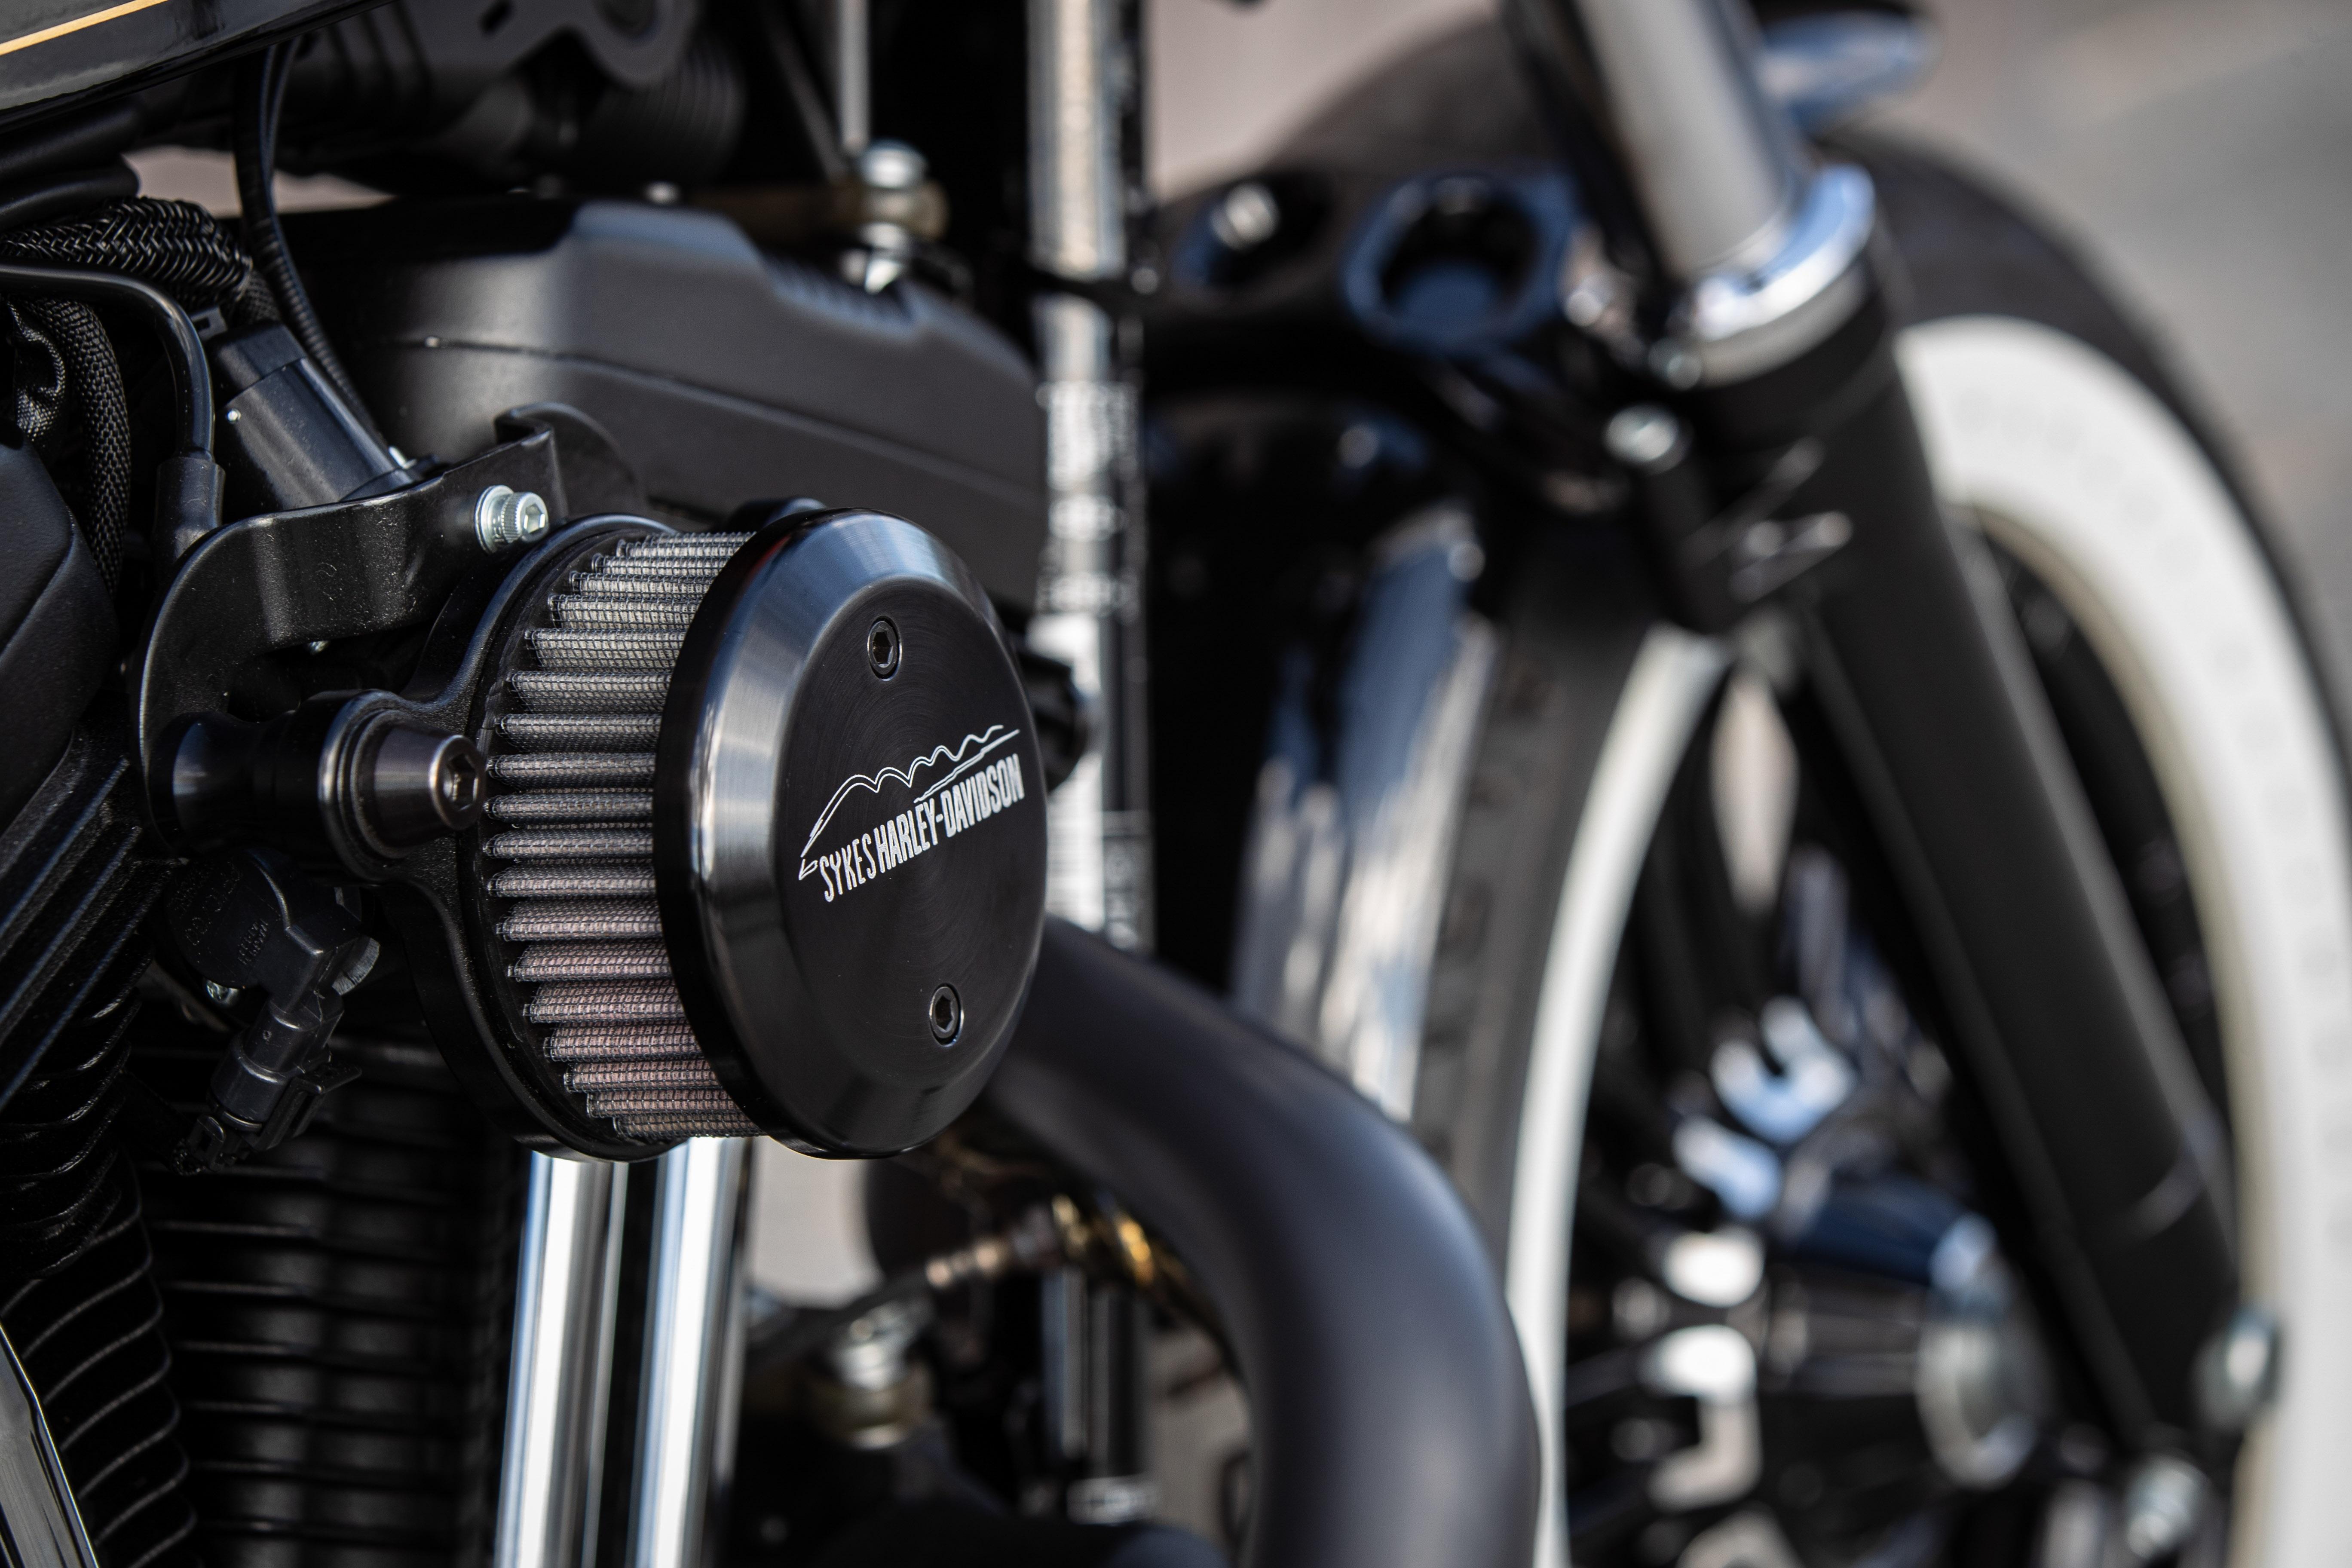 Ngam dan xe Harley-Davidson Sportster lot xac voi ban do Sykes hinh anh 28 2020_Harley_Davidson_Sportster_Custom_5221.jpg